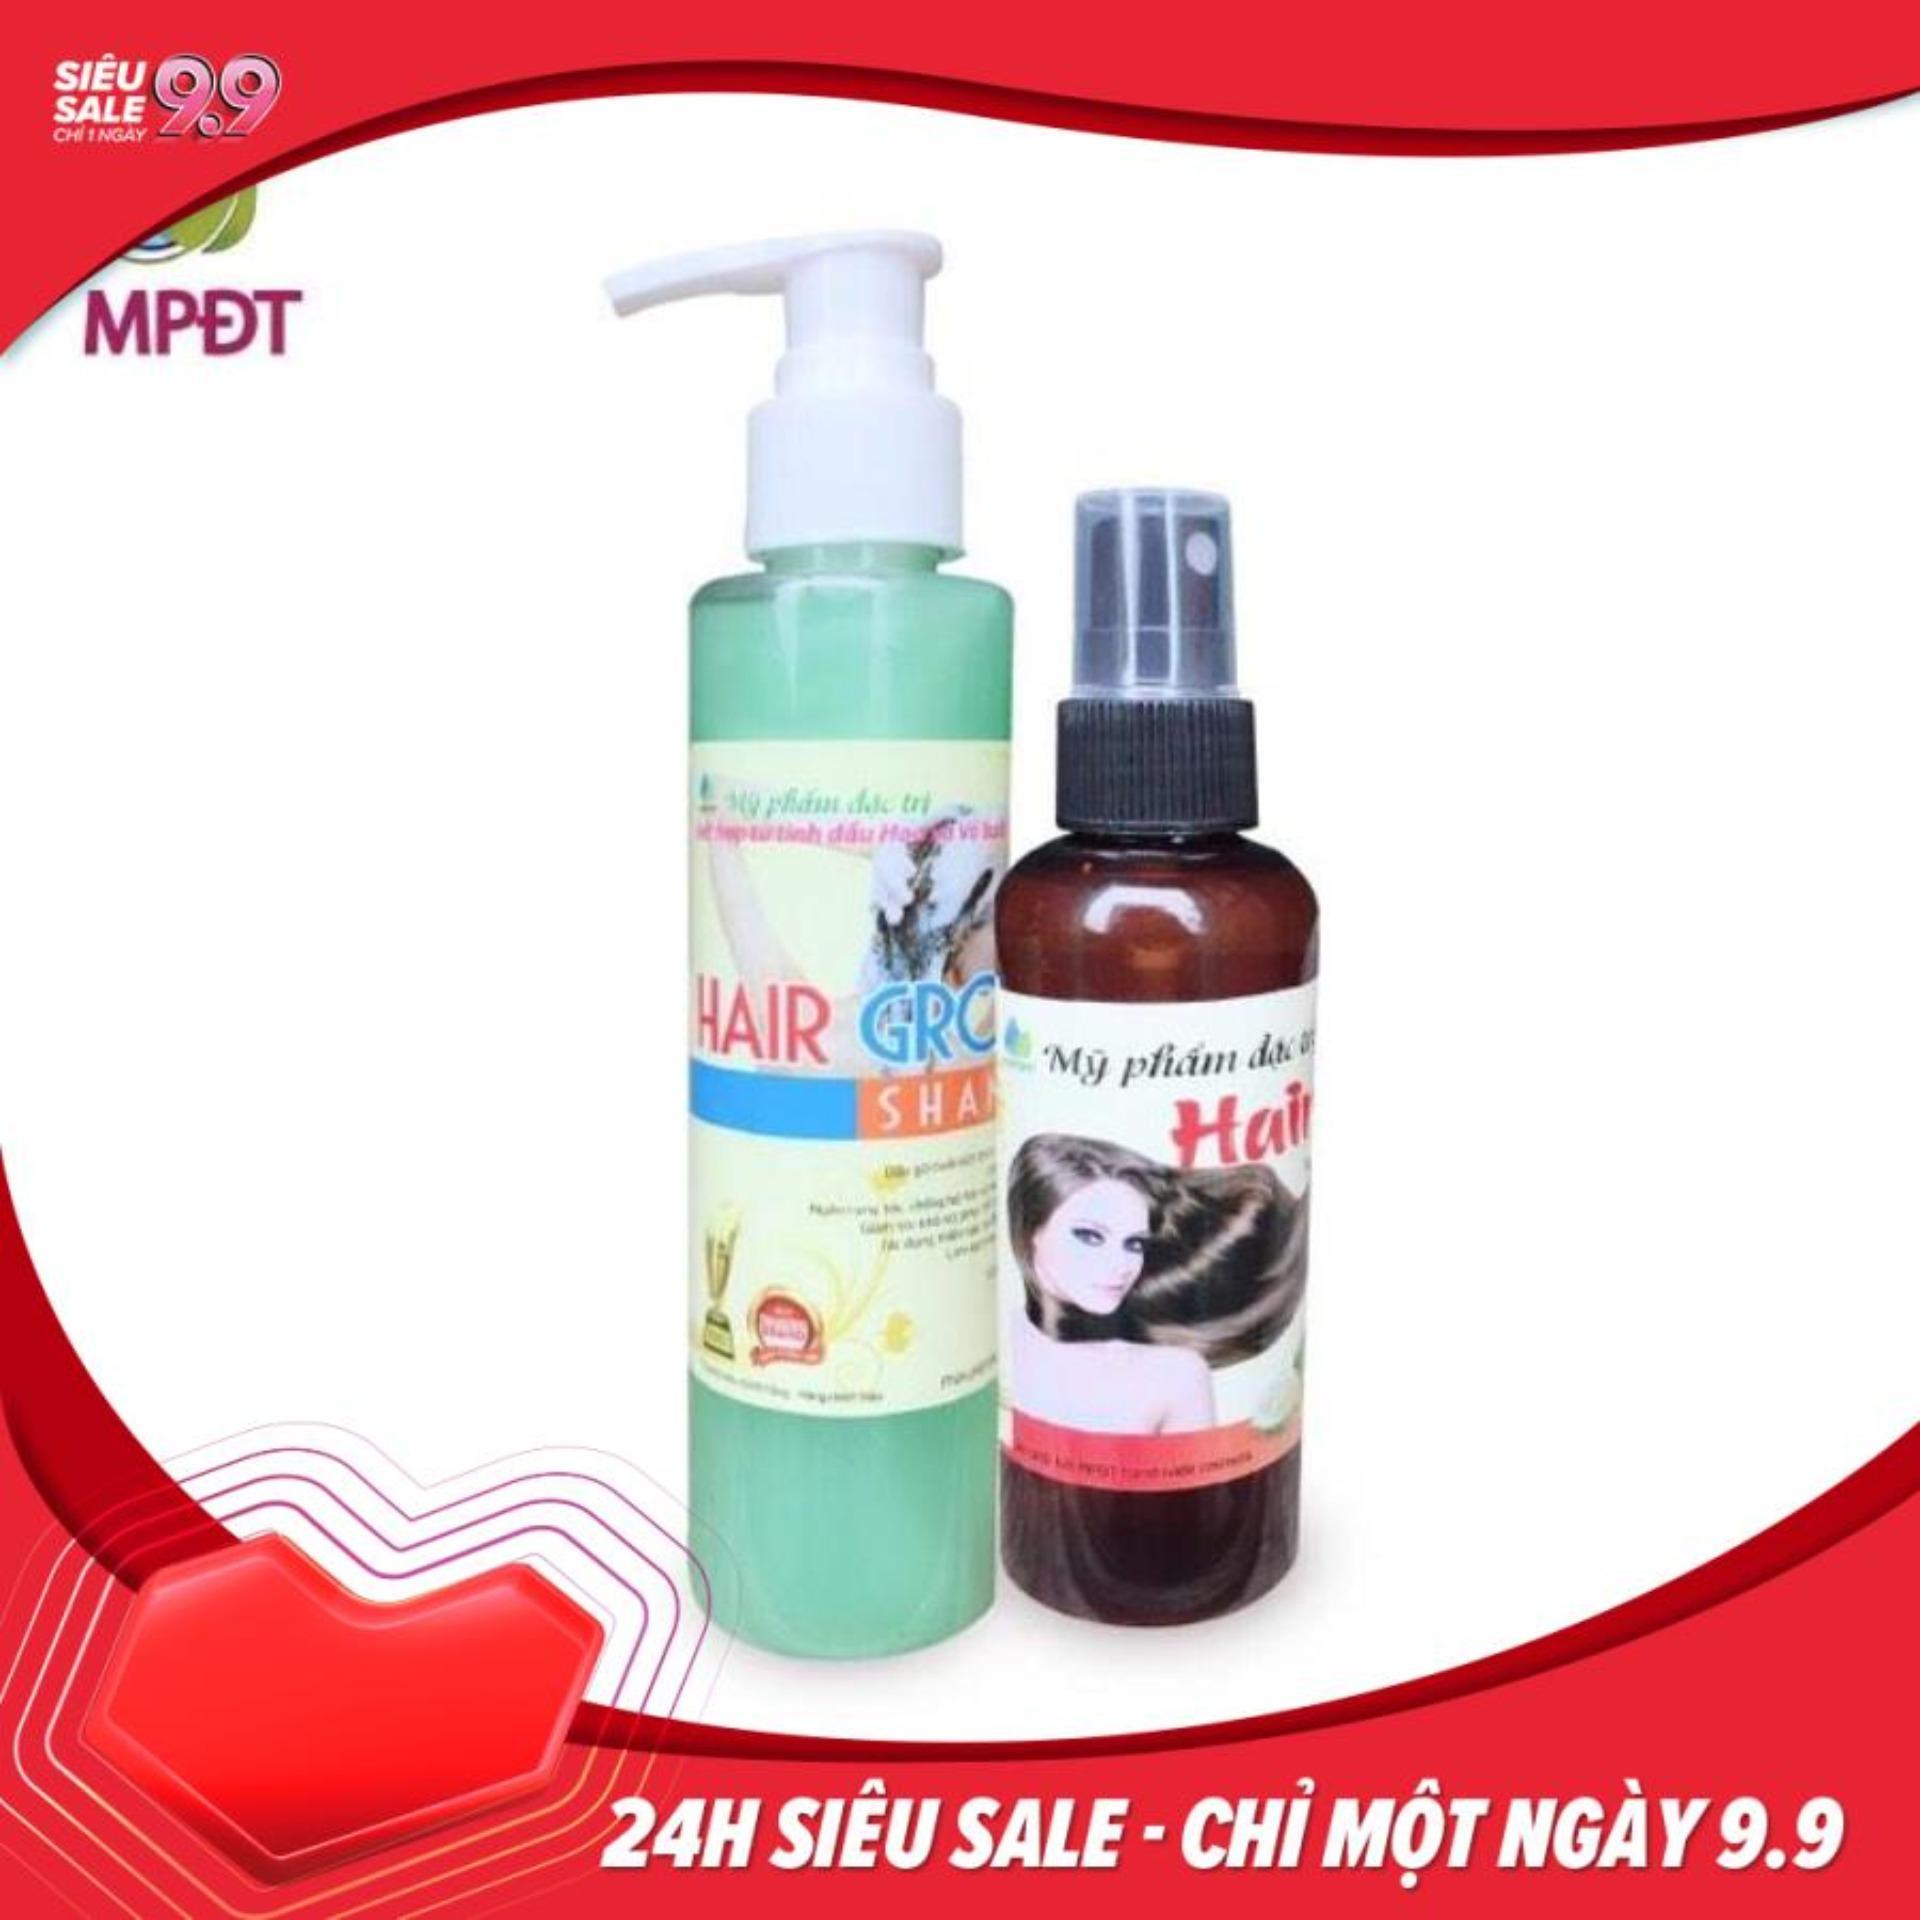 Combo tinh dầu bưởi 100ml và dầu gội bưởi 180ml trị rụng tóc